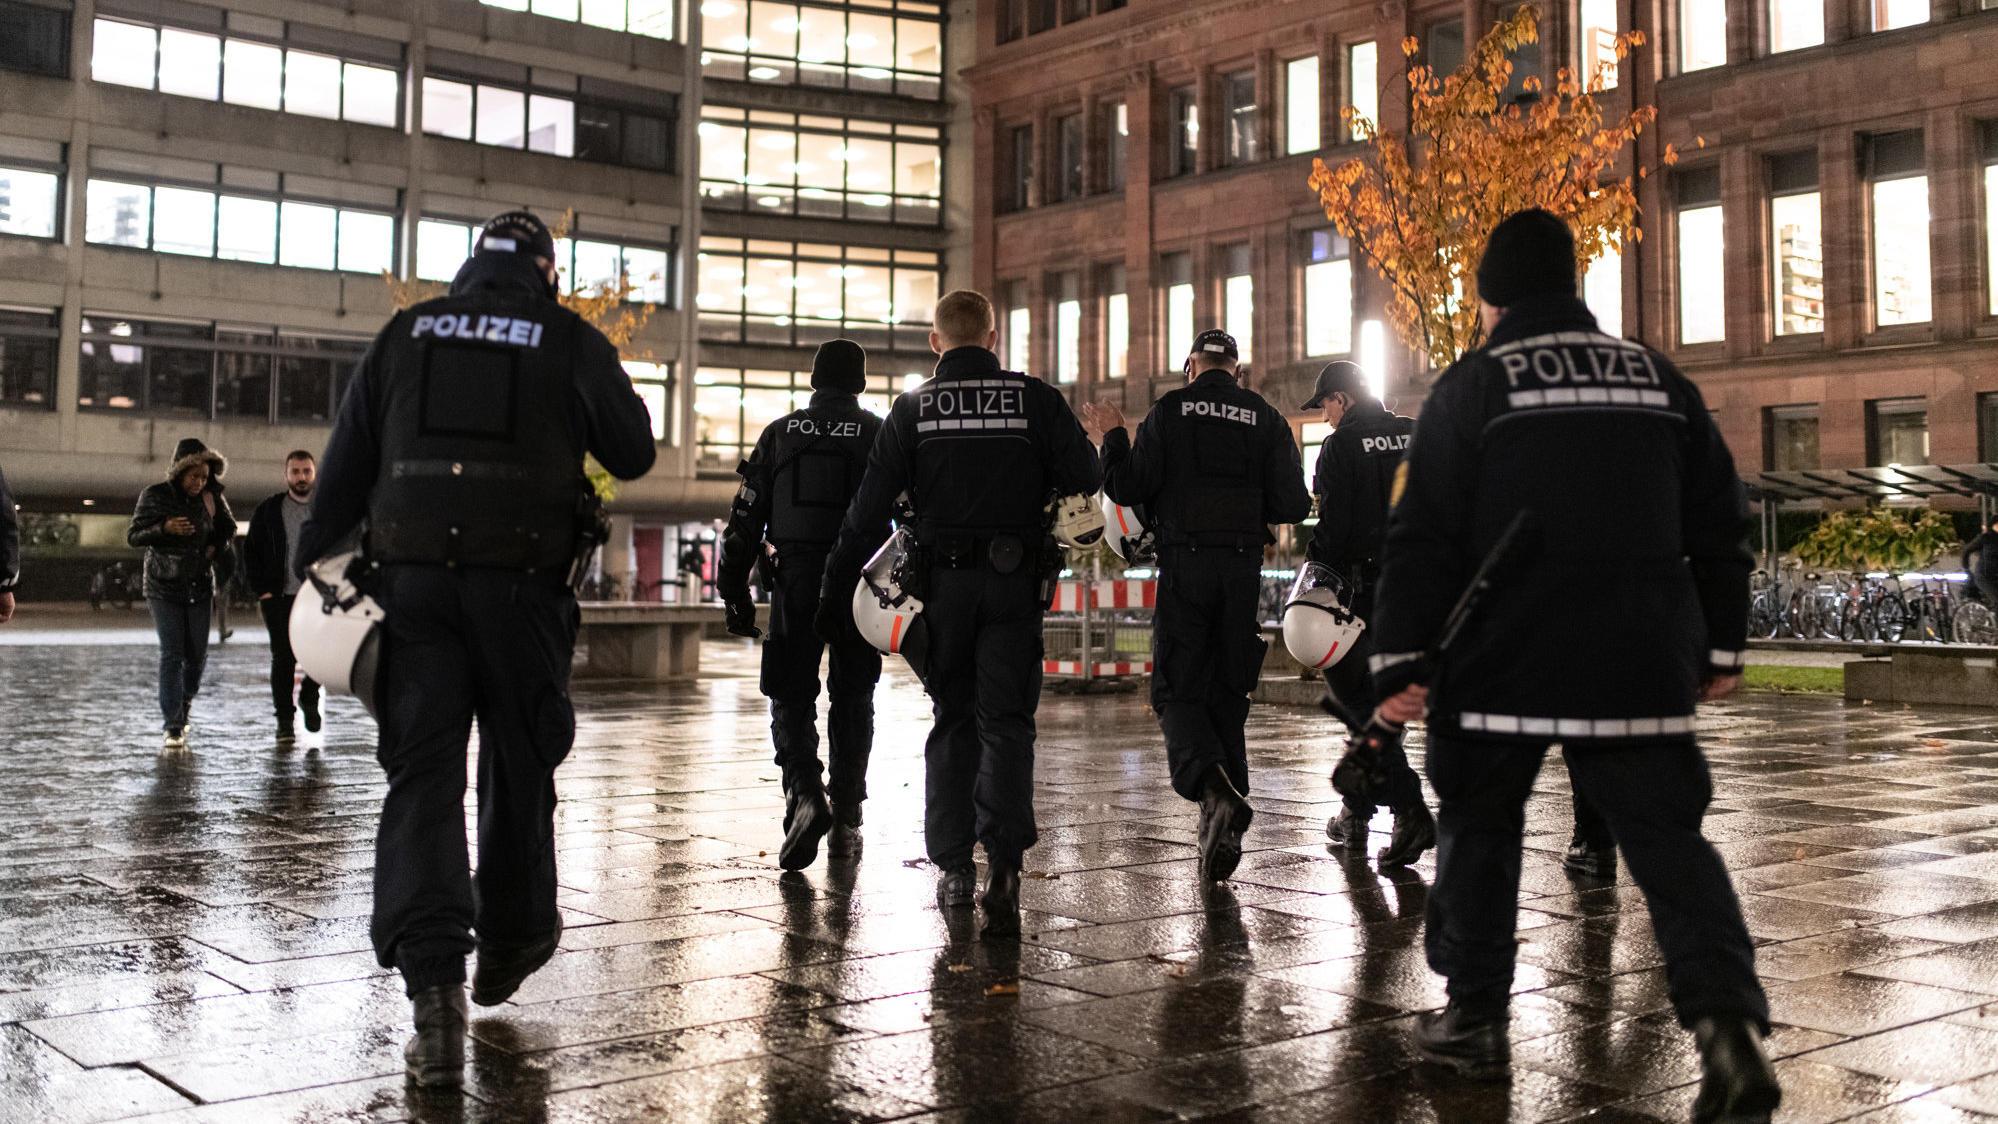 Nach Gruppenvergewaltigung In Freiburg Polizei Nimmt Weiteren